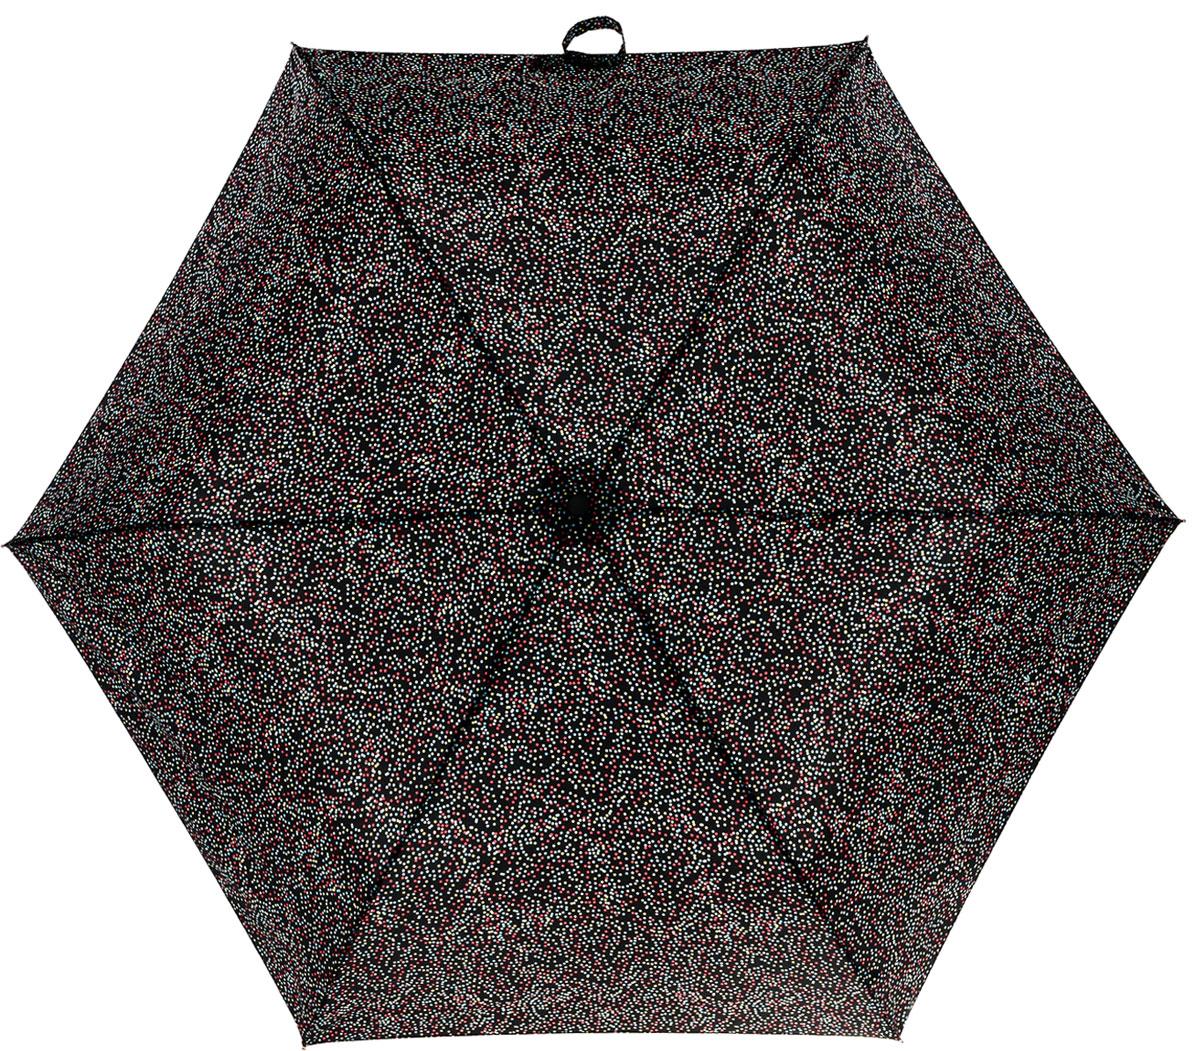 Зонт женский Fulton Superslim, механический, 3 сложения, цвет: черный, мультиколор. L553-3027L553-3027 MultiDotСтильный механический зонт Fulton Superslim в 3 сложения даже в ненастную погоду позволит вам оставаться элегантной. Облегченный каркас зонта выполнен из 6 спиц из фибергласса и алюминия, стержень также изготовлен из алюминия, удобная рукоятка - из пластика. Купол зонта выполнен из прочного полиэстера. В закрытом виде застегивается хлястиком на липучке. Яркий оригинальный принт в виде мелкого горошка поднимет настроение в дождливый день. Зонт механического сложения: купол открывается и закрывается вручную до характерного щелчка. На рукоятке для удобства есть небольшой шнурок, позволяющий надеть зонт на руку тогда, когда это будет необходимо. К зонту прилагается чехол, который дополнительно застегивается на липучку, с металлическим элементом с названием бренда. Такой зонт компактно располагается в кармане, сумочке, дверке автомобиля.